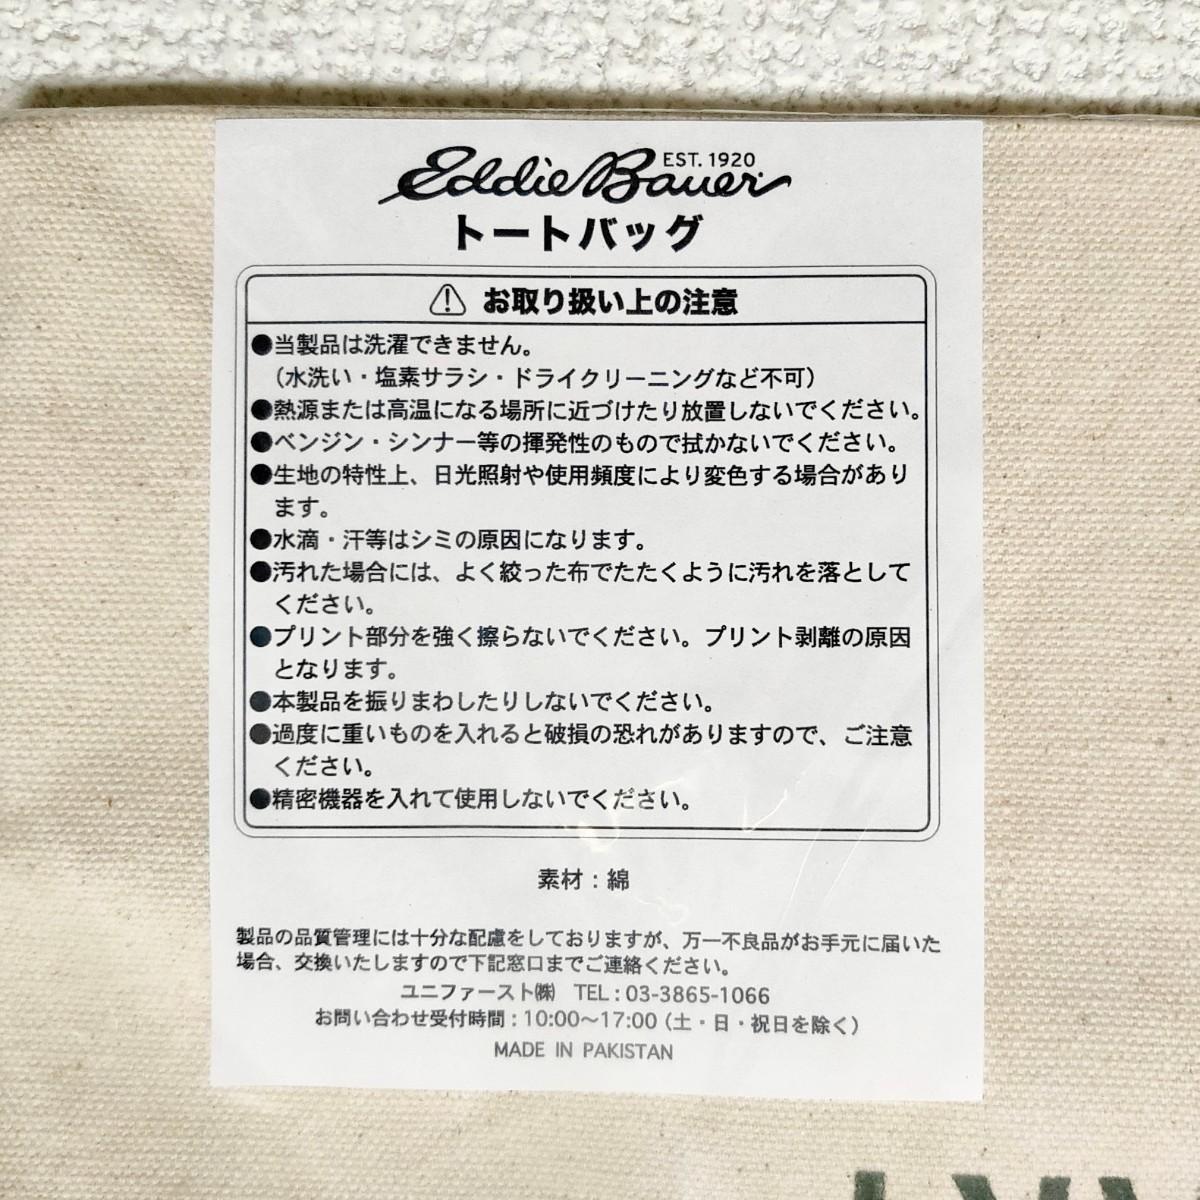 ☆最終値下げ!☆幅48cm 大きなトートバッグ エディーバウアー キャンバス地【新品・未使用】